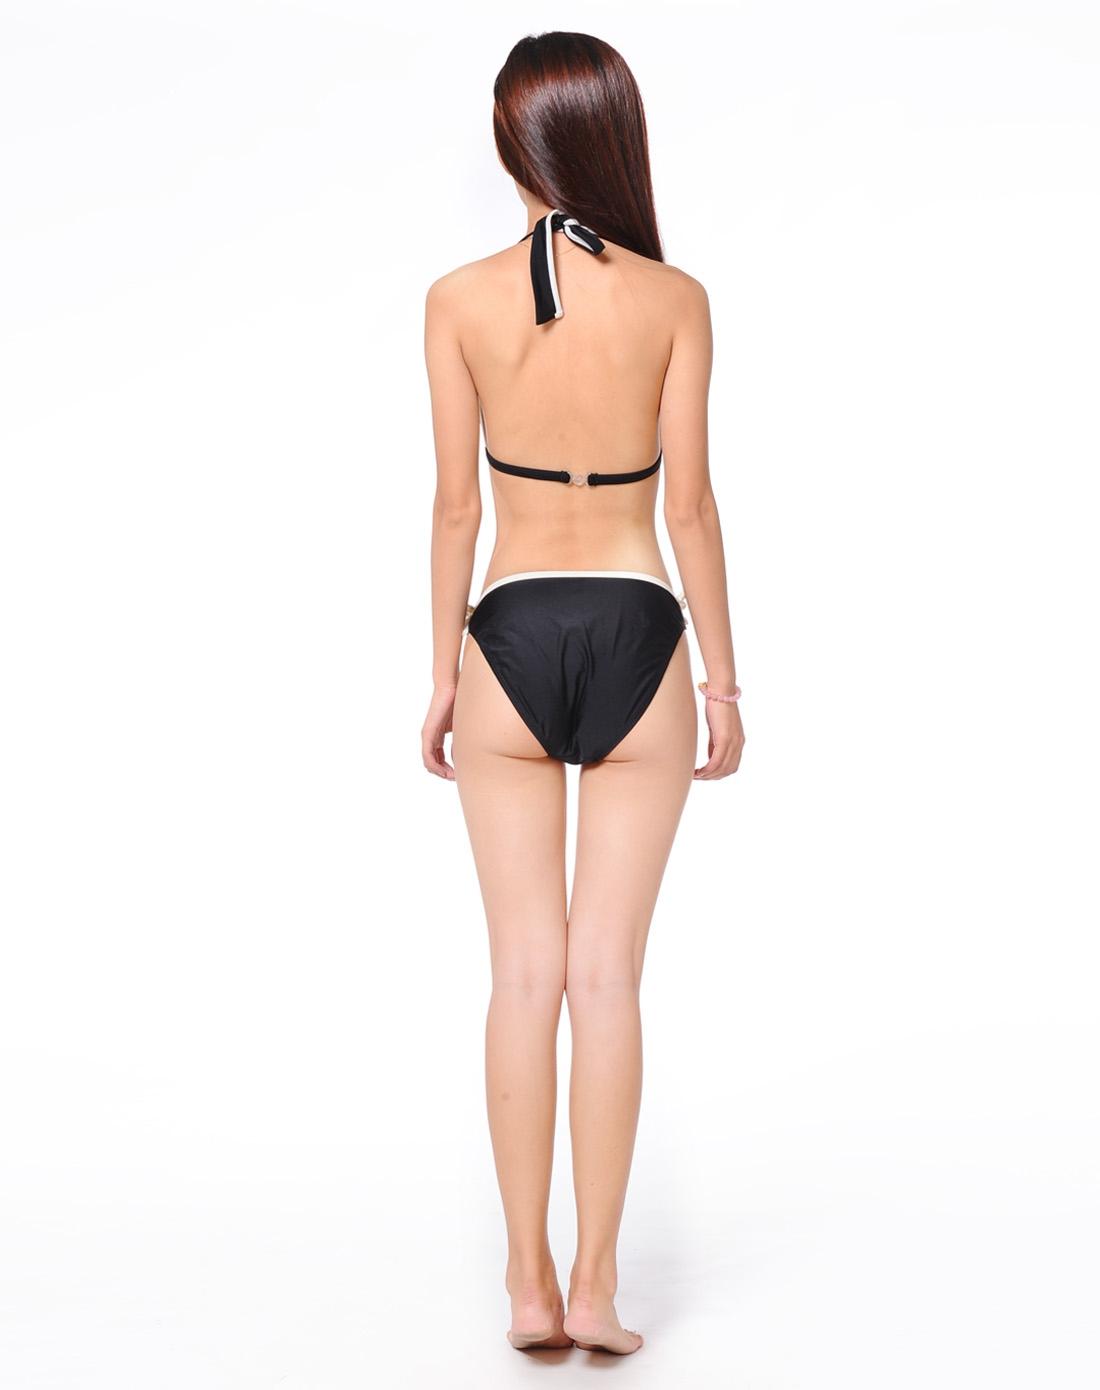 女黑礹/&�yi)��-z)�bi_女款黑色比基尼 舒适时尚